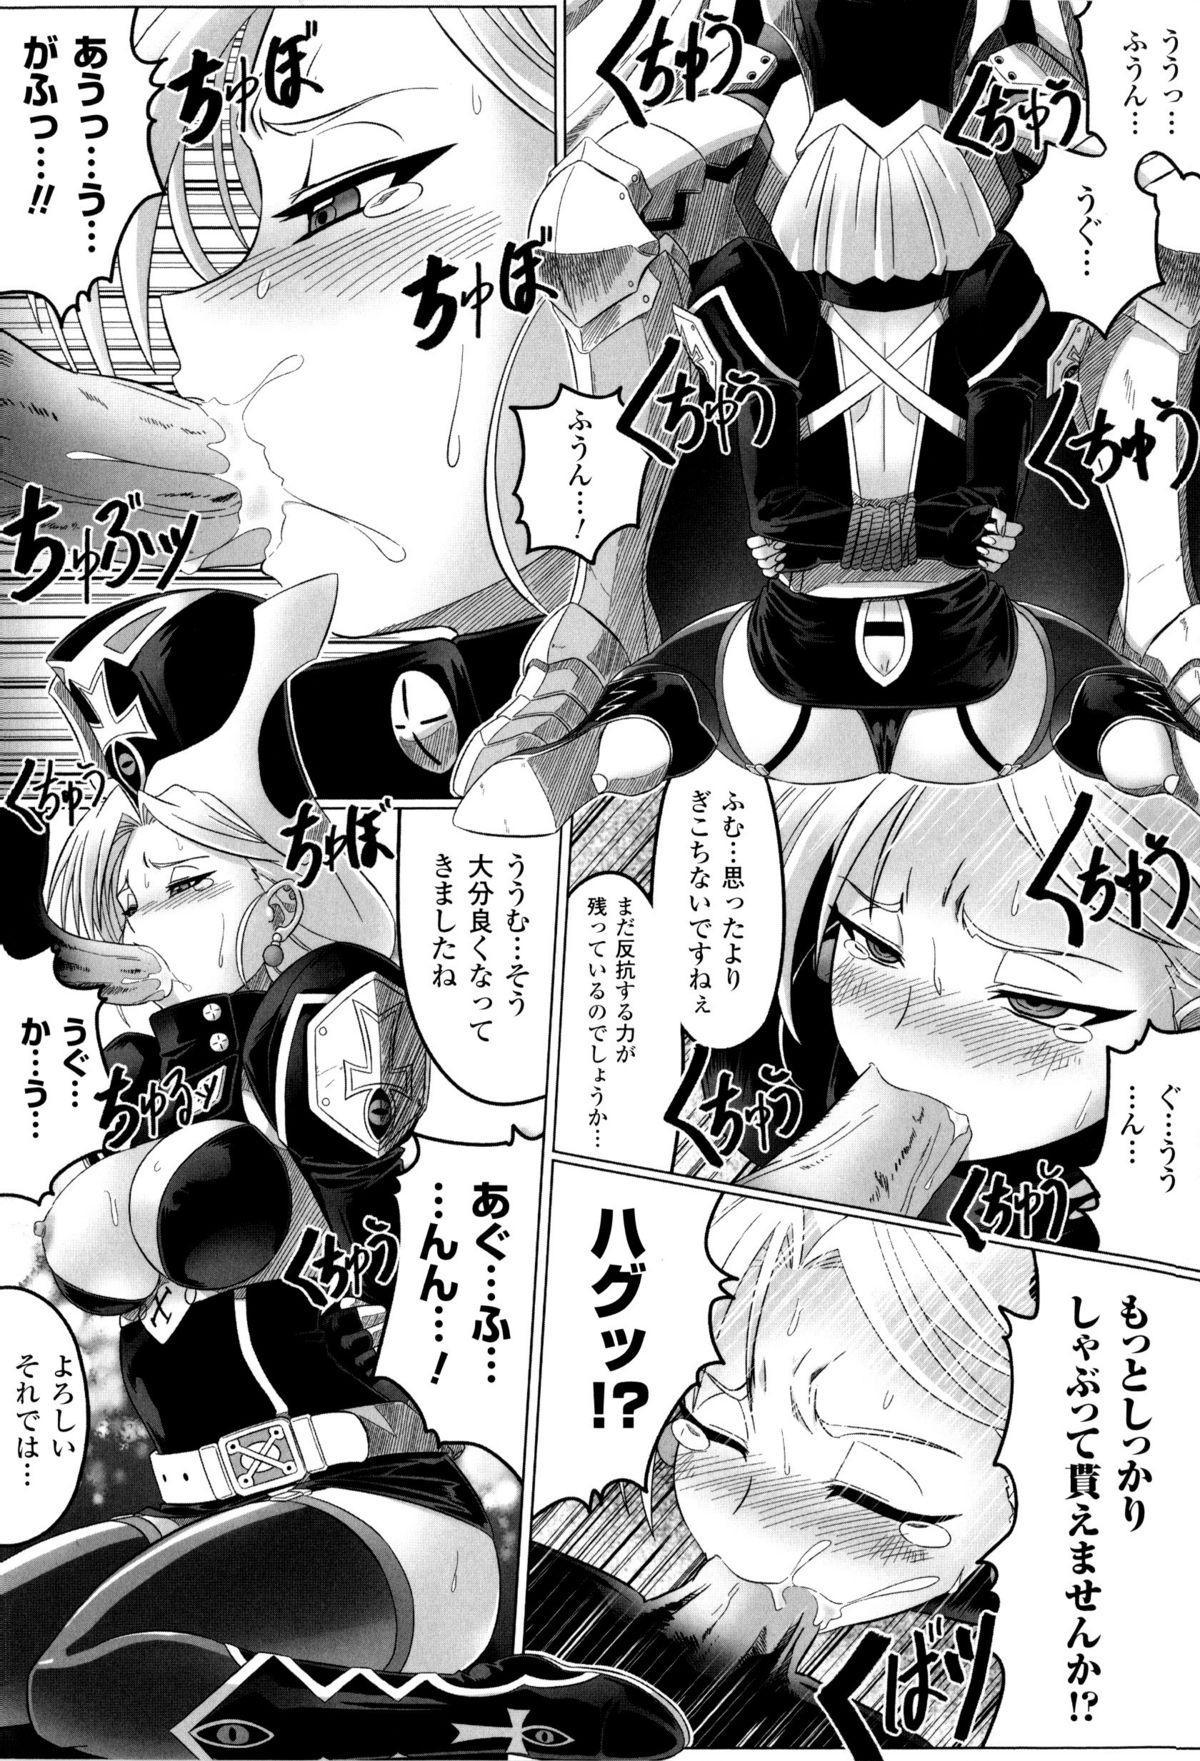 Toushin Engi Vol. 8 138